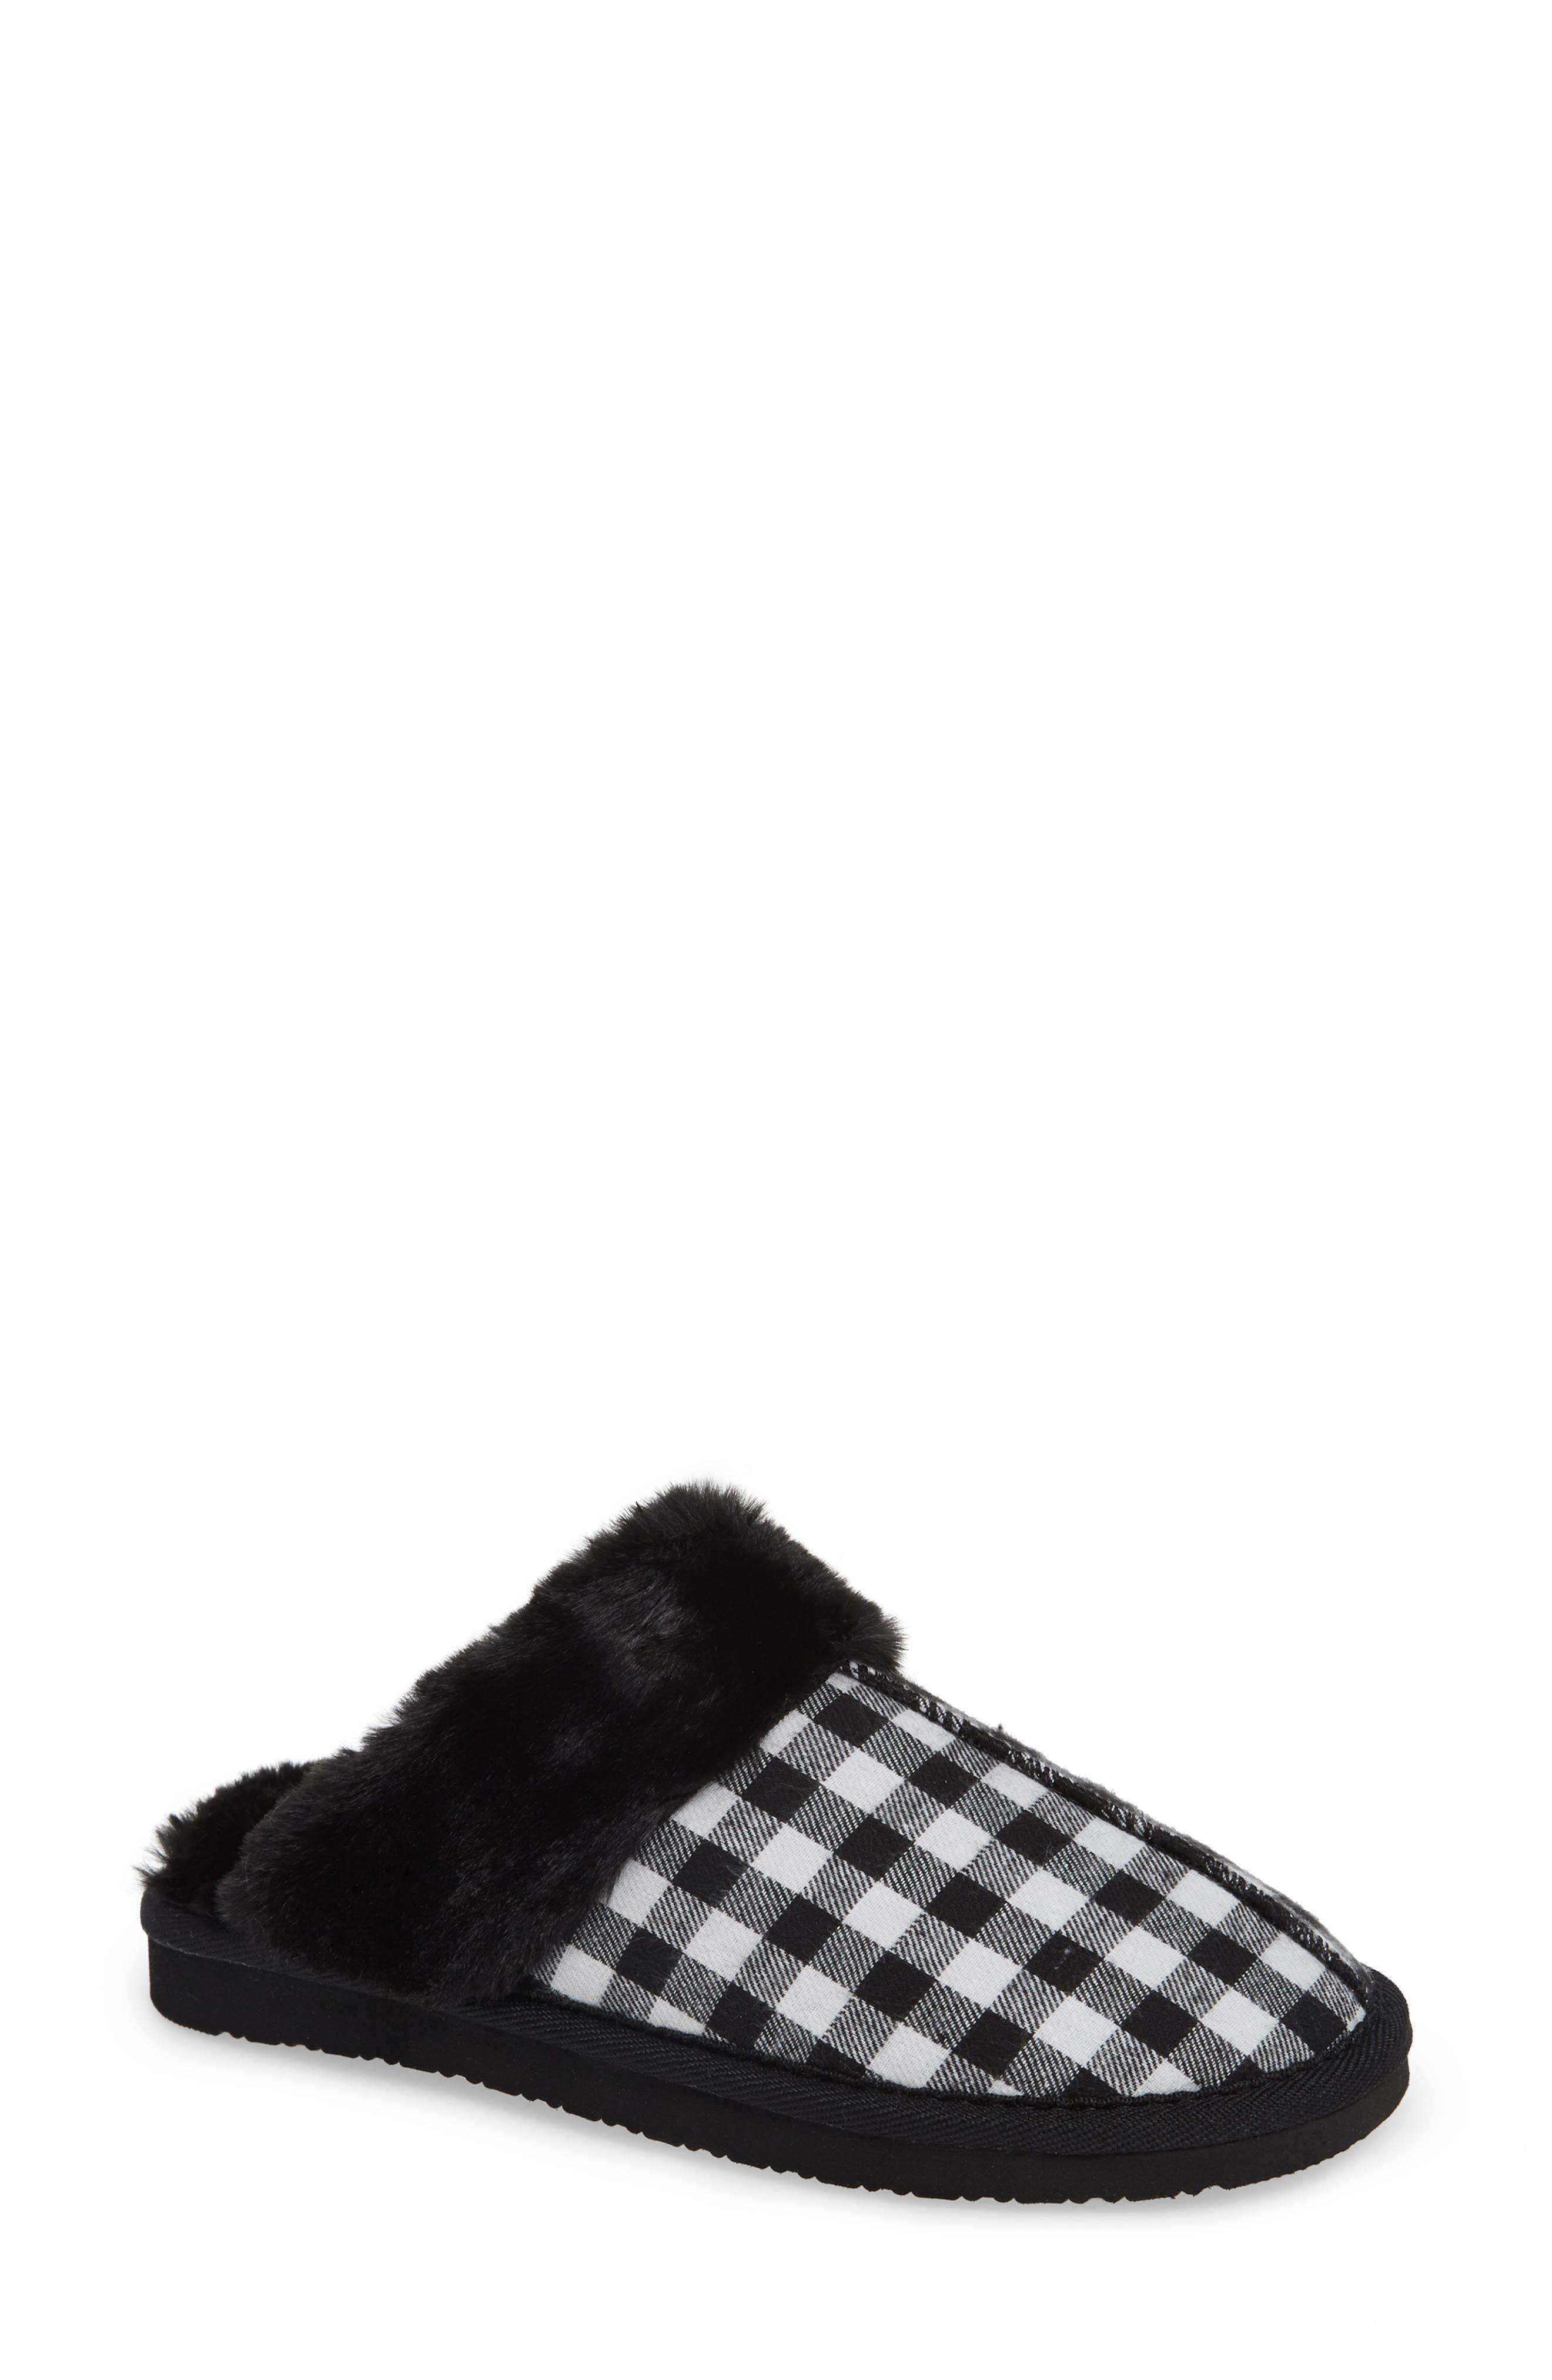 Mule Slipper,                             Main thumbnail 1, color,                             BLACK/ WHITE PLAID FABRIC